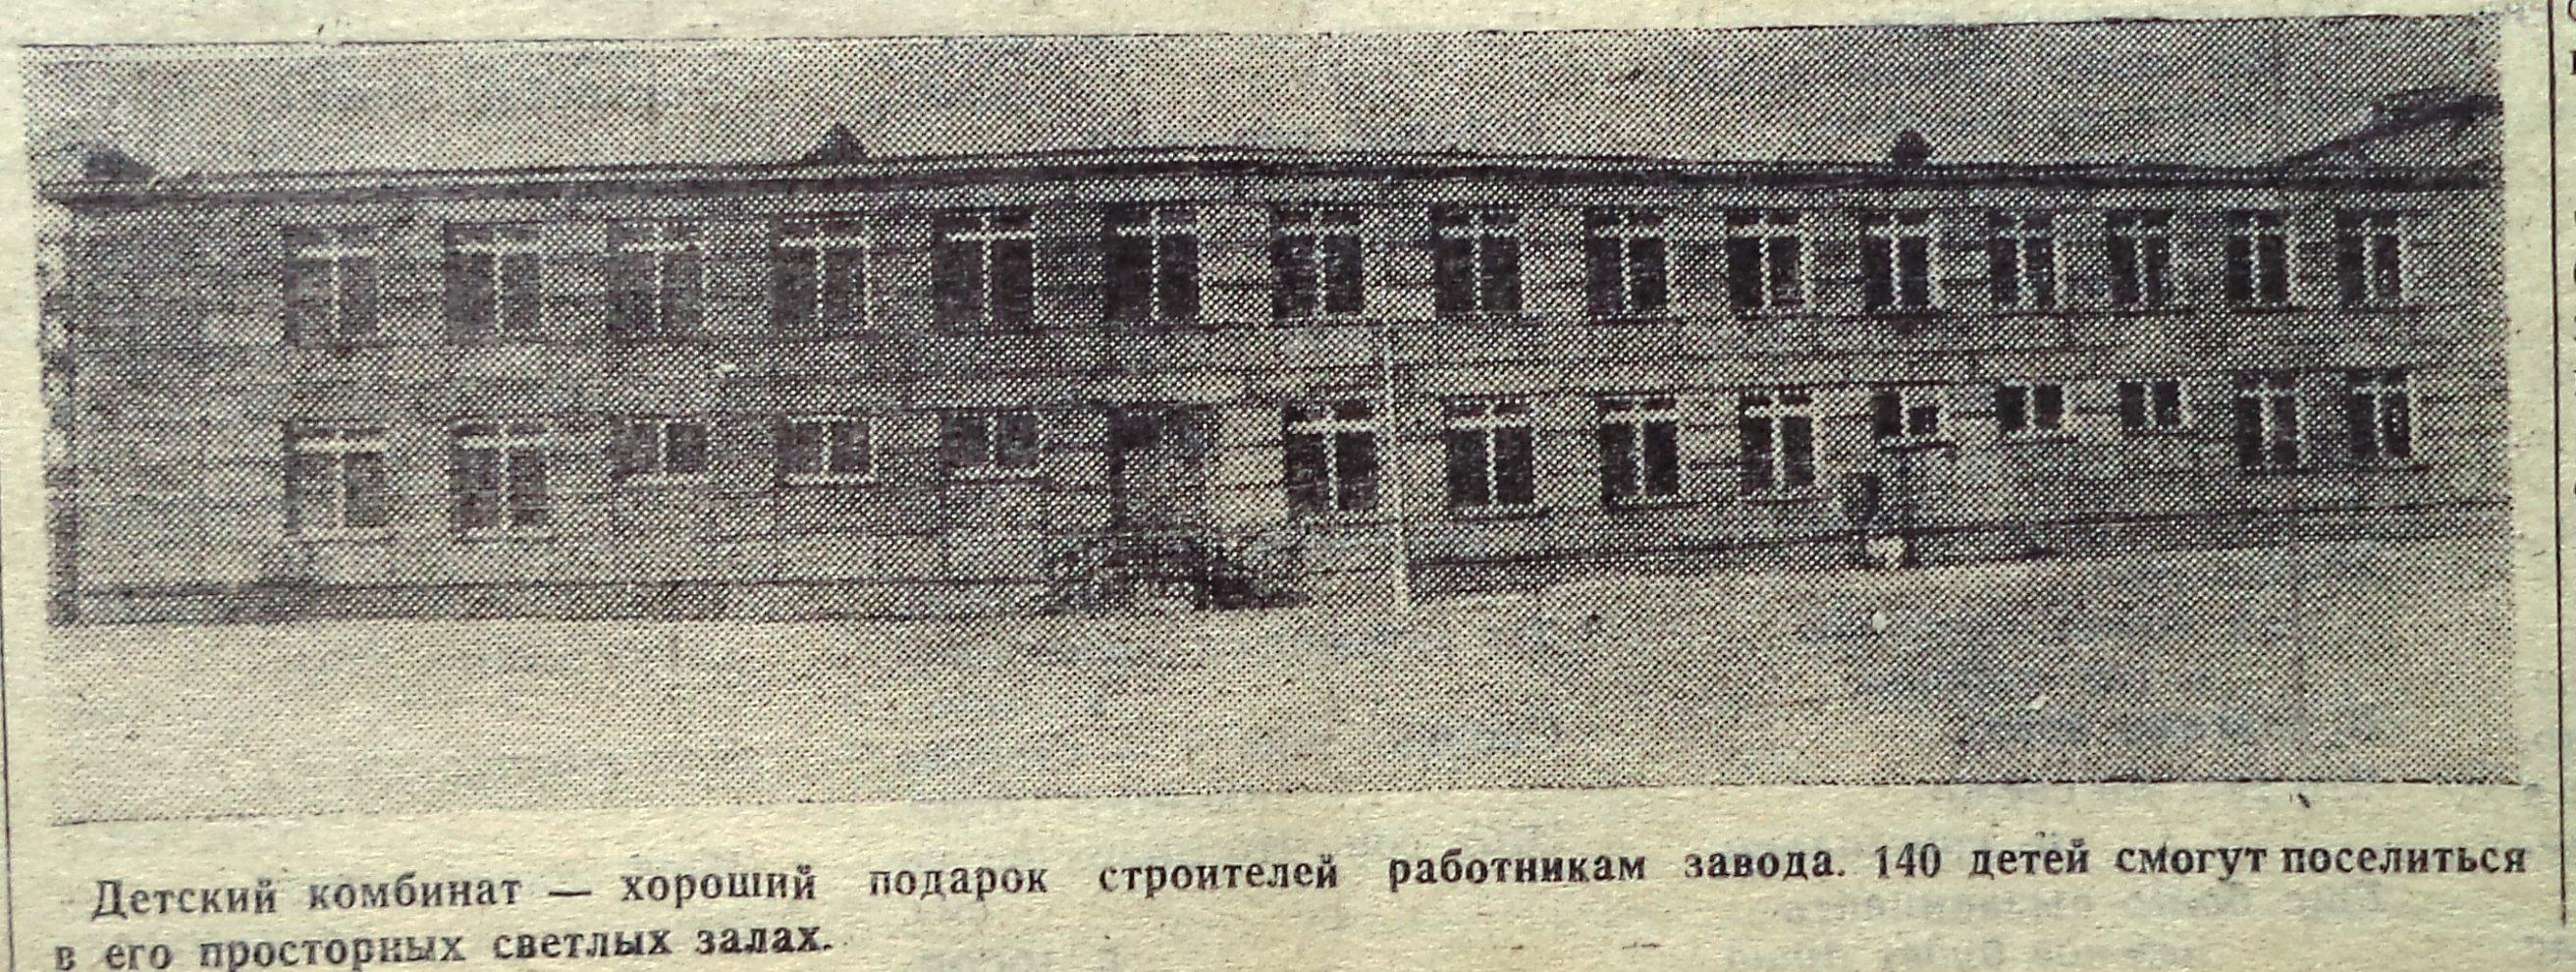 Физкультурная-ФОТО-67-Заводская жизнь-1971-16 февраля-2-min